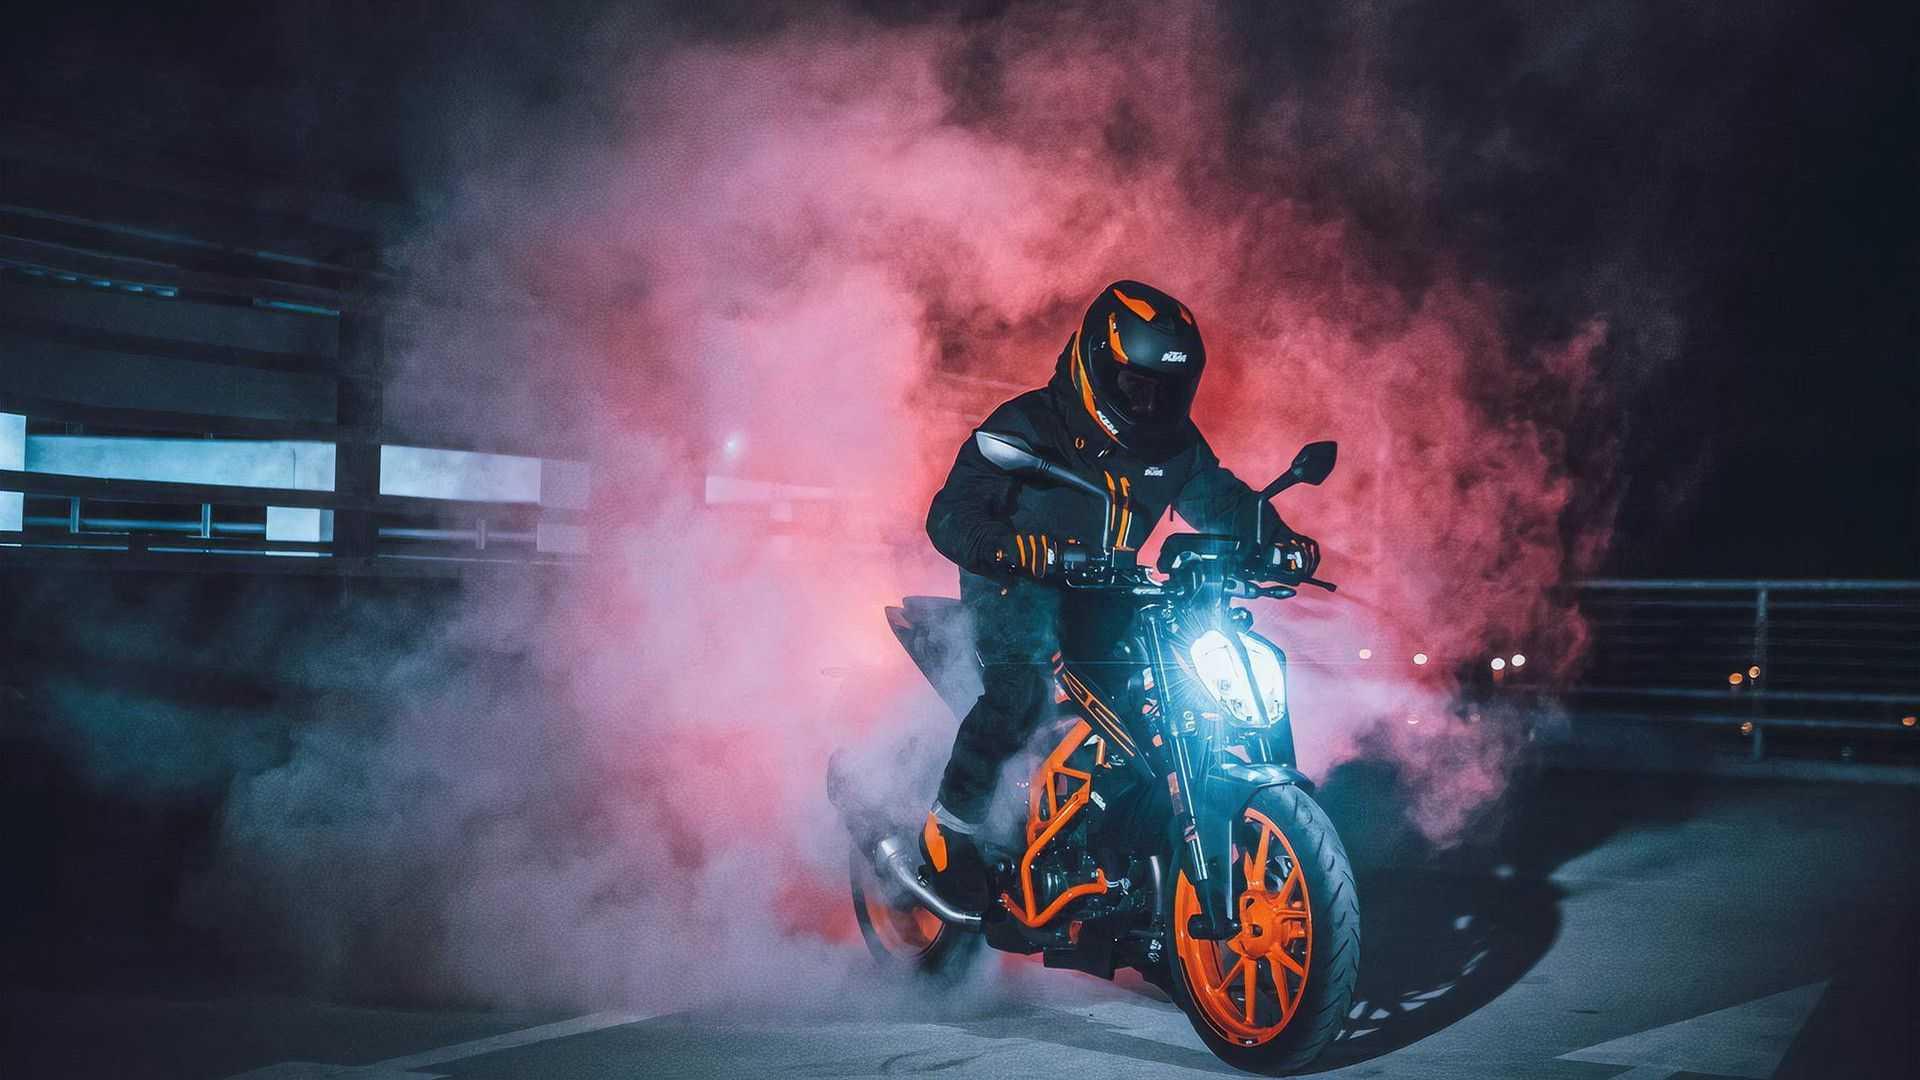 2021 KTM 125 Duke Euro 5